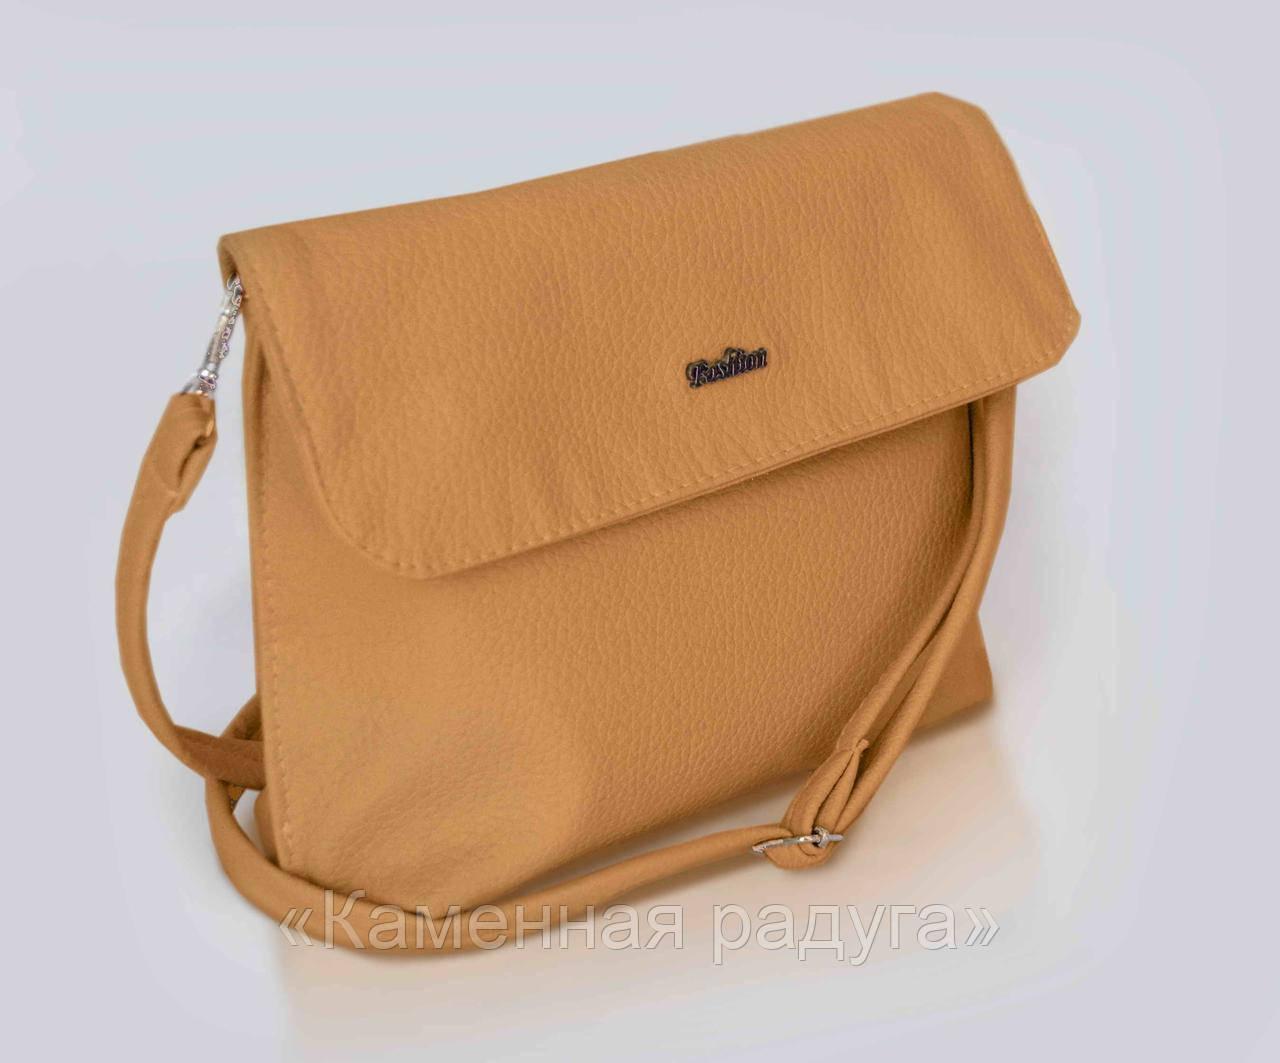 Оранжевая сумочка кроссбоди